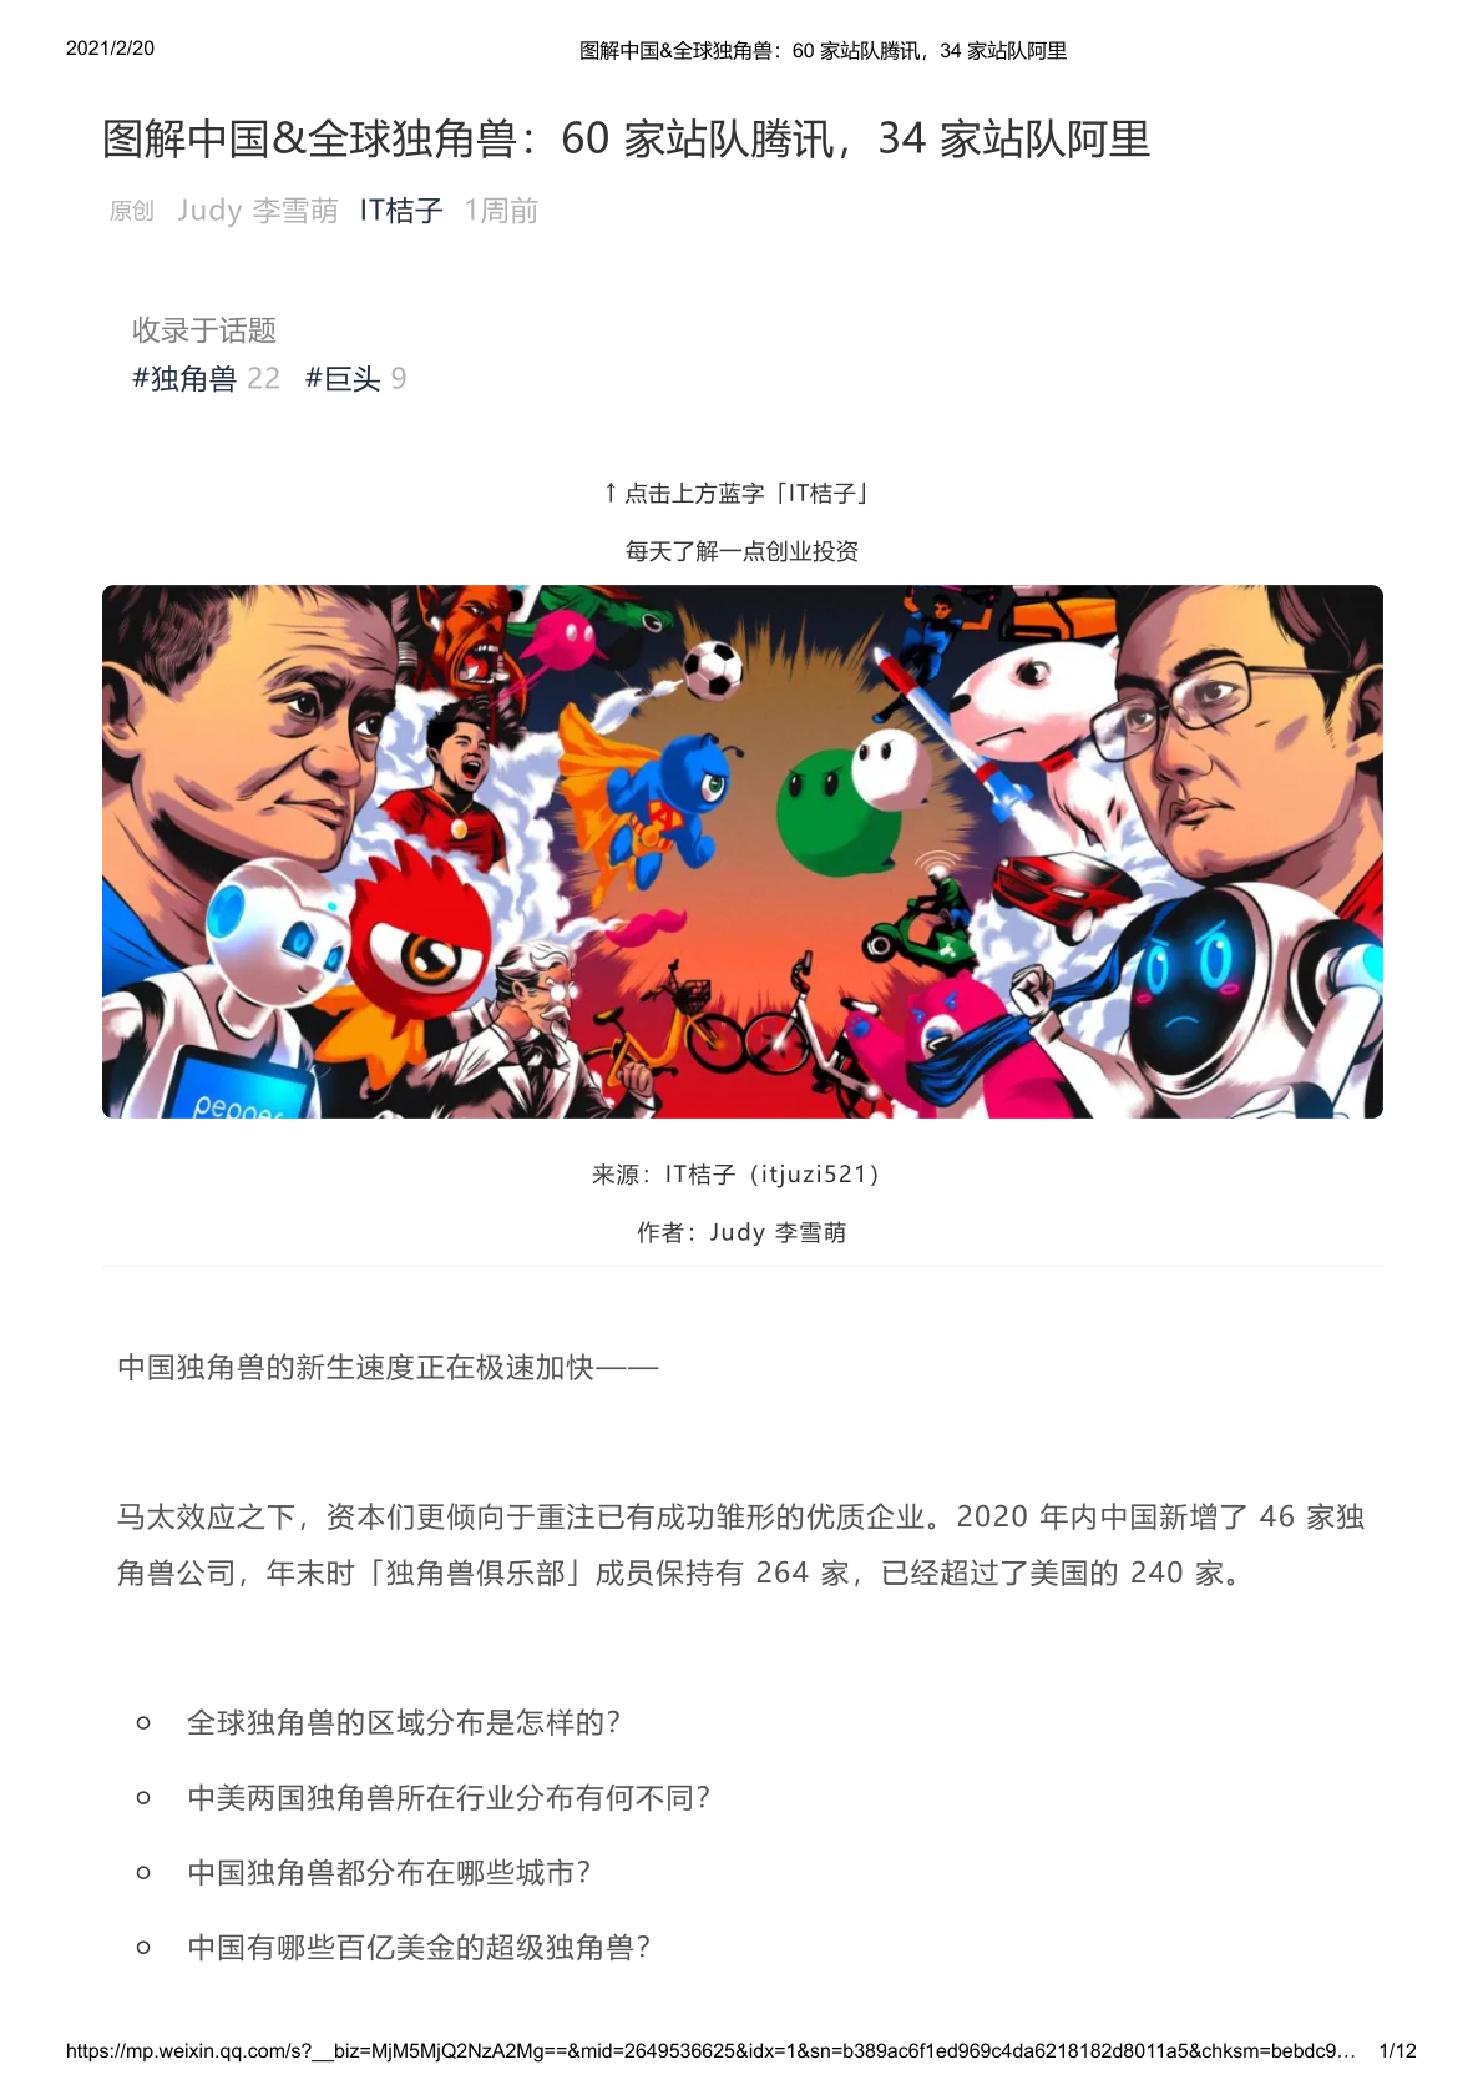 图解中国&全球独角兽:60家站队腾讯,34家站队阿里